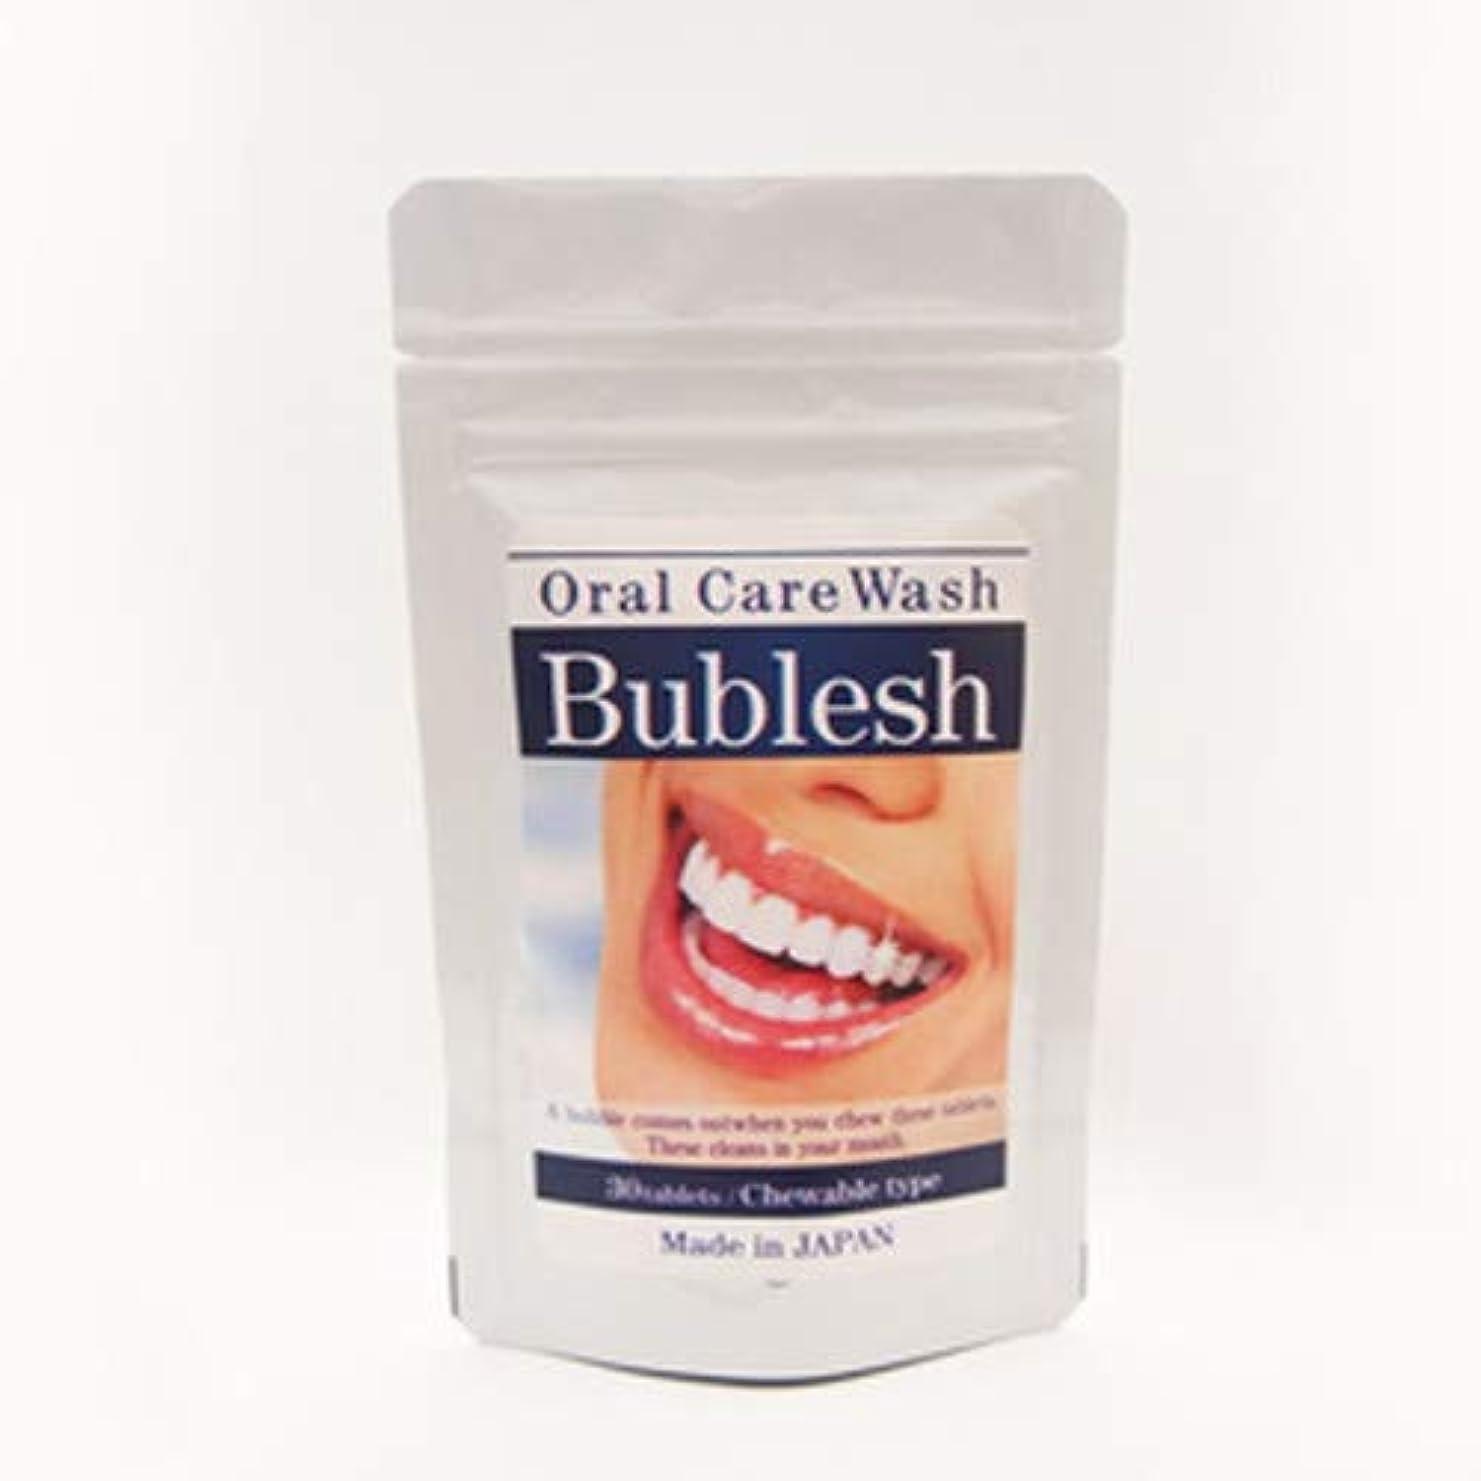 ジャグリングフルートネブ【オーラルケアウォッシュバブレッシュ】 30 粒 炭酸 タブレット 歯磨き